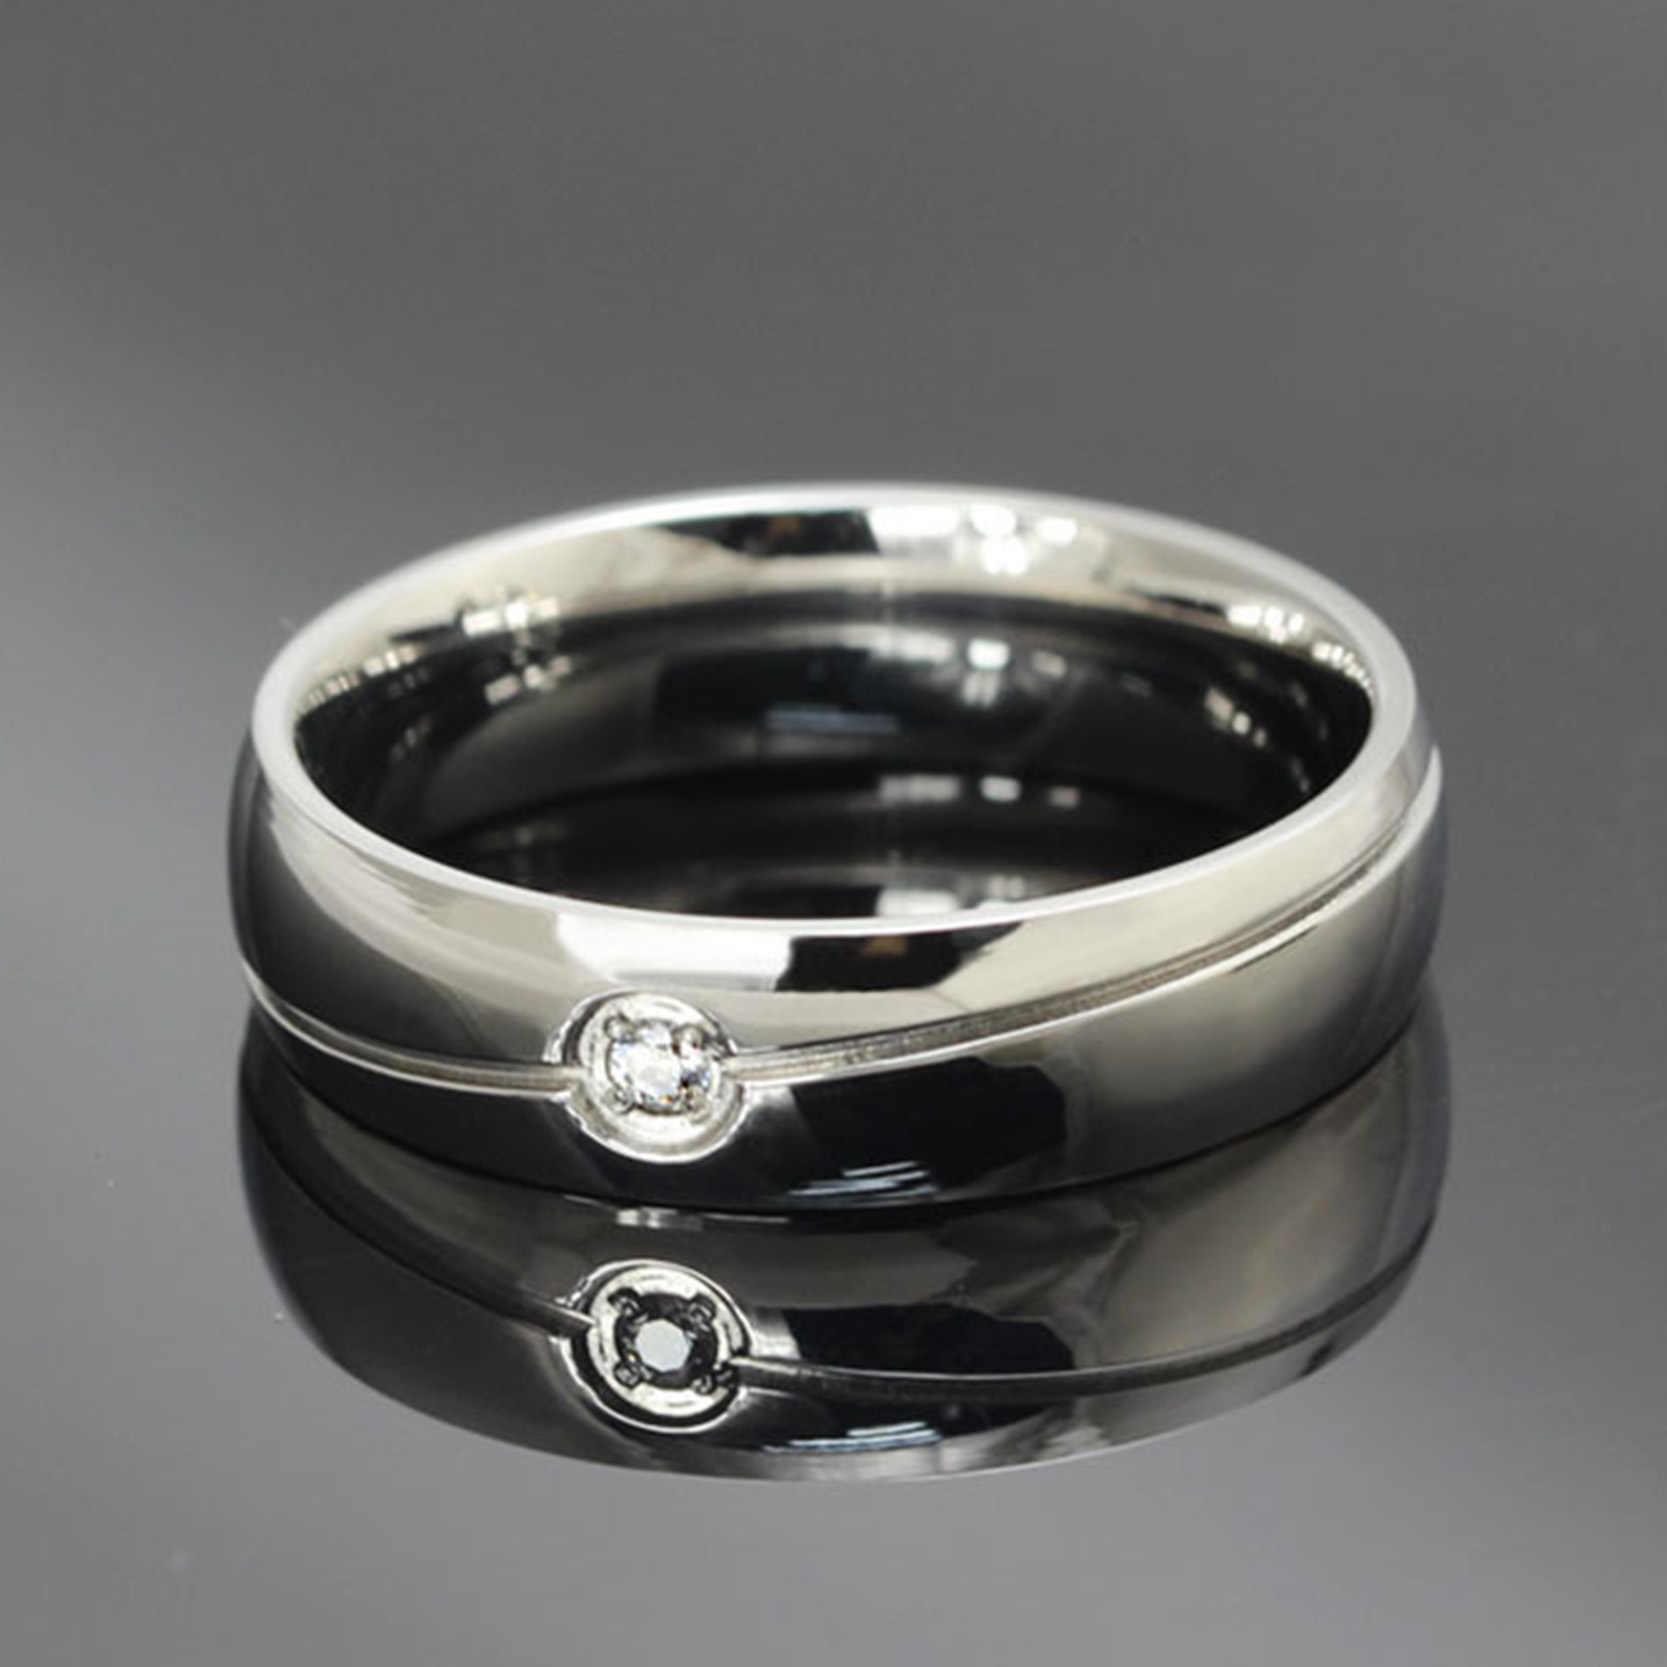 Jiayiqi модное горячее геометрическое черное серебряное кольцо из титановой стали для мужчин и женщин, ювелирное изделие 2017, Рождественский подарок